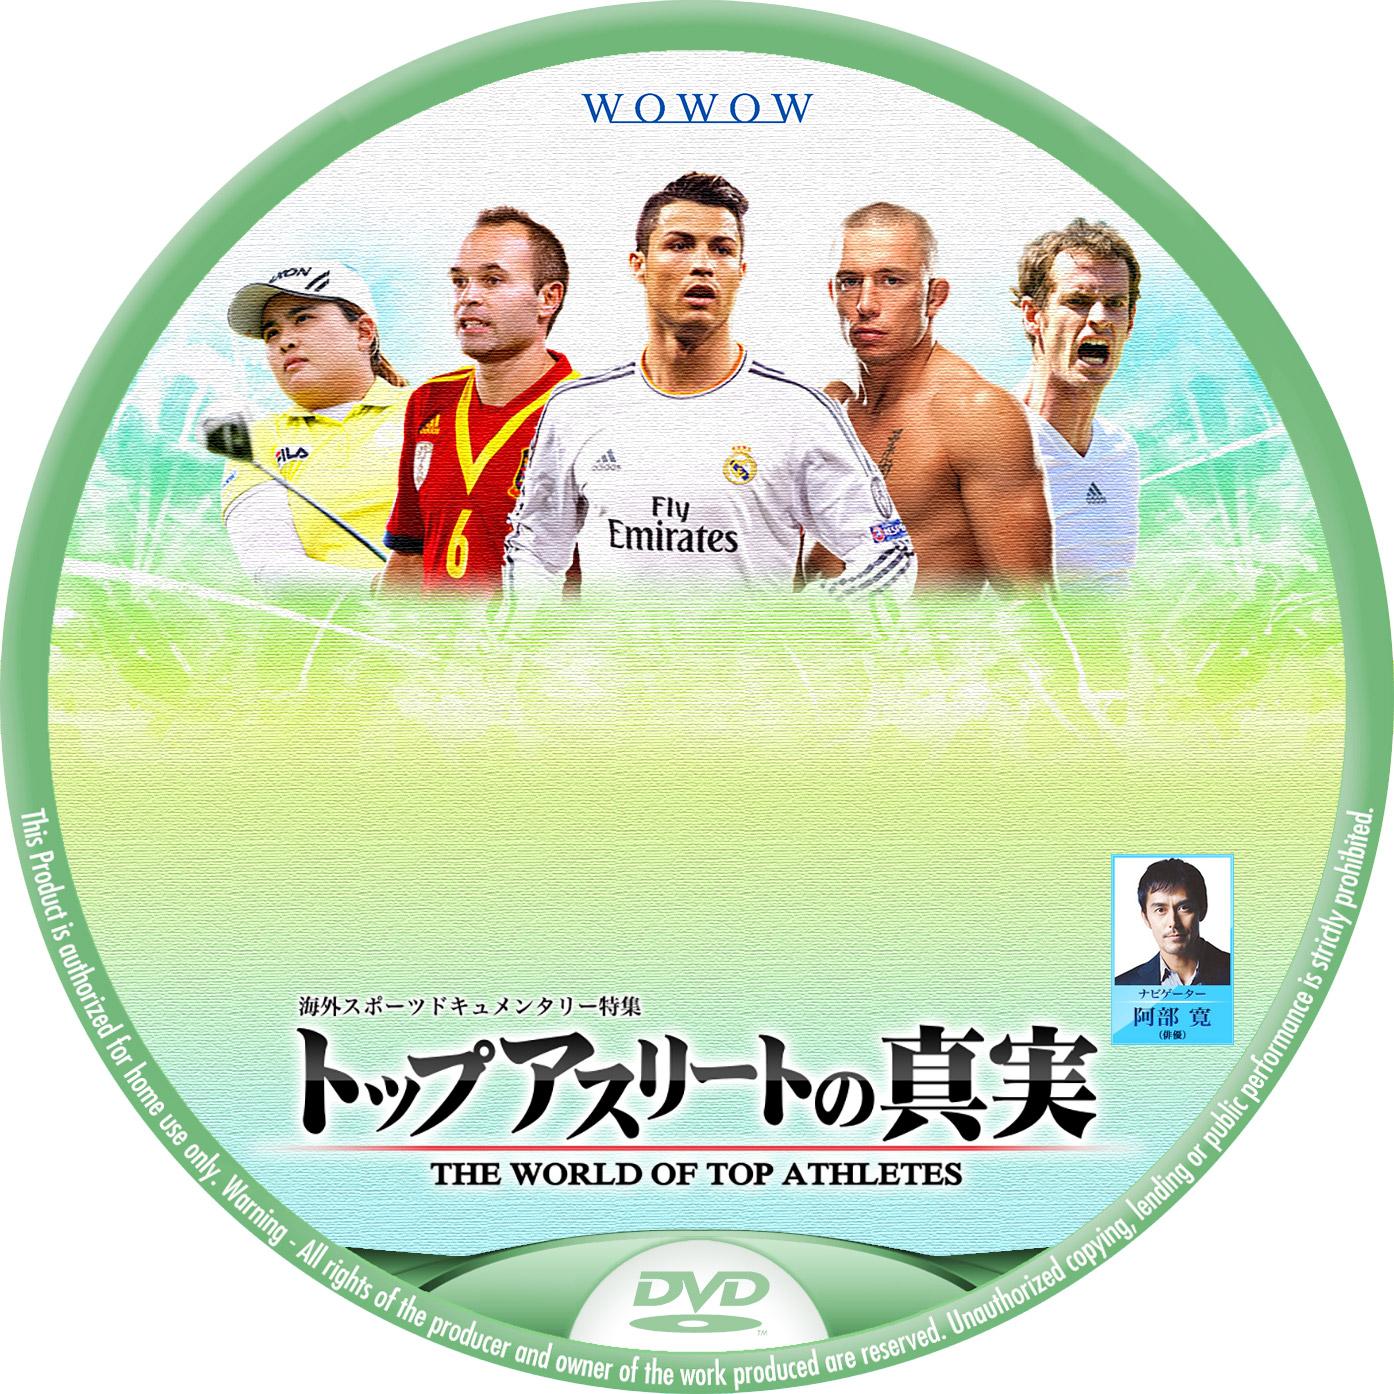 トップアスリートの真実 WOWOW DVDラベル